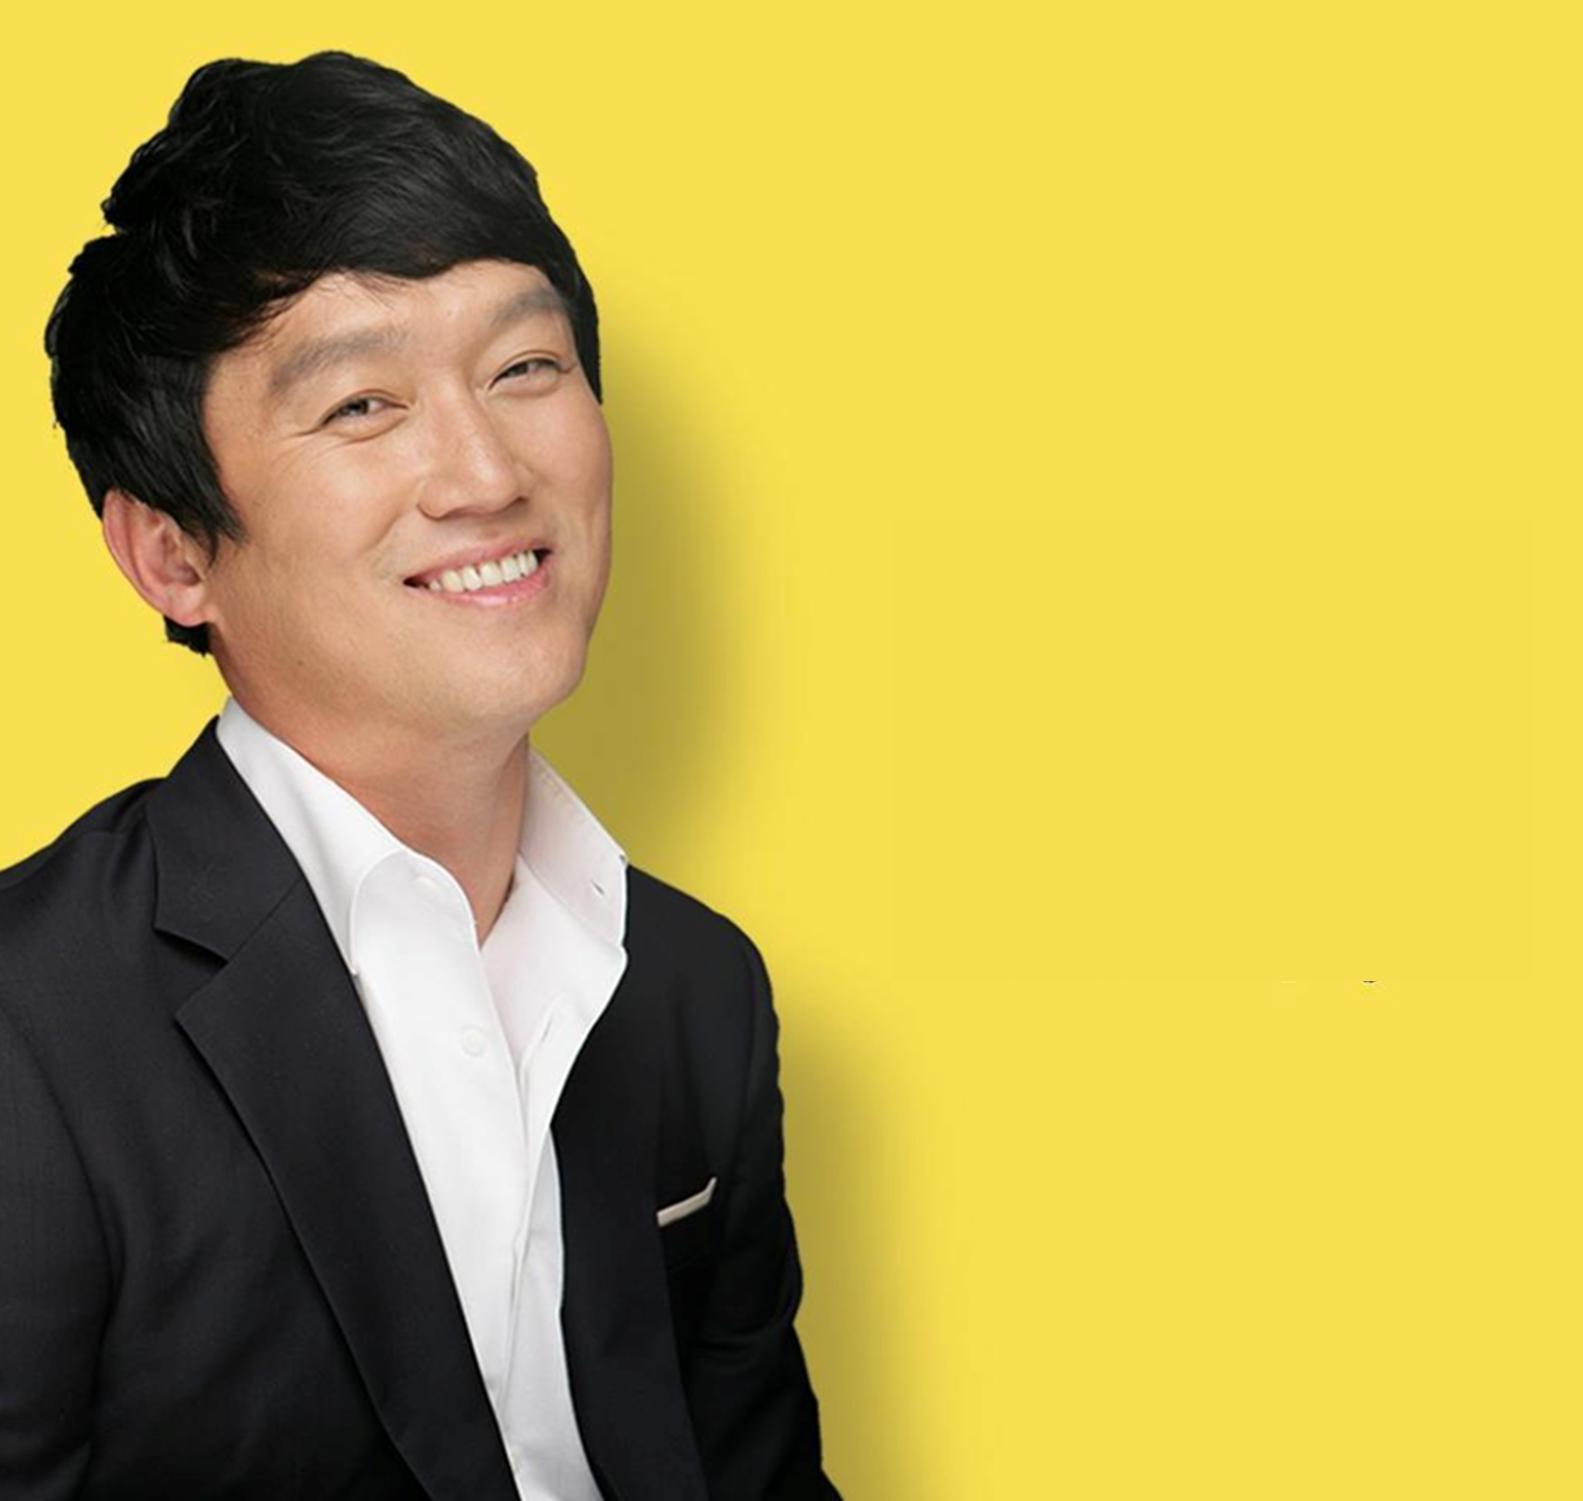 '로또 6/45' 개그맨 고명환, 연 매출 10억 자랑하는 사업가로 성공… 제63대 '황금손' 출연